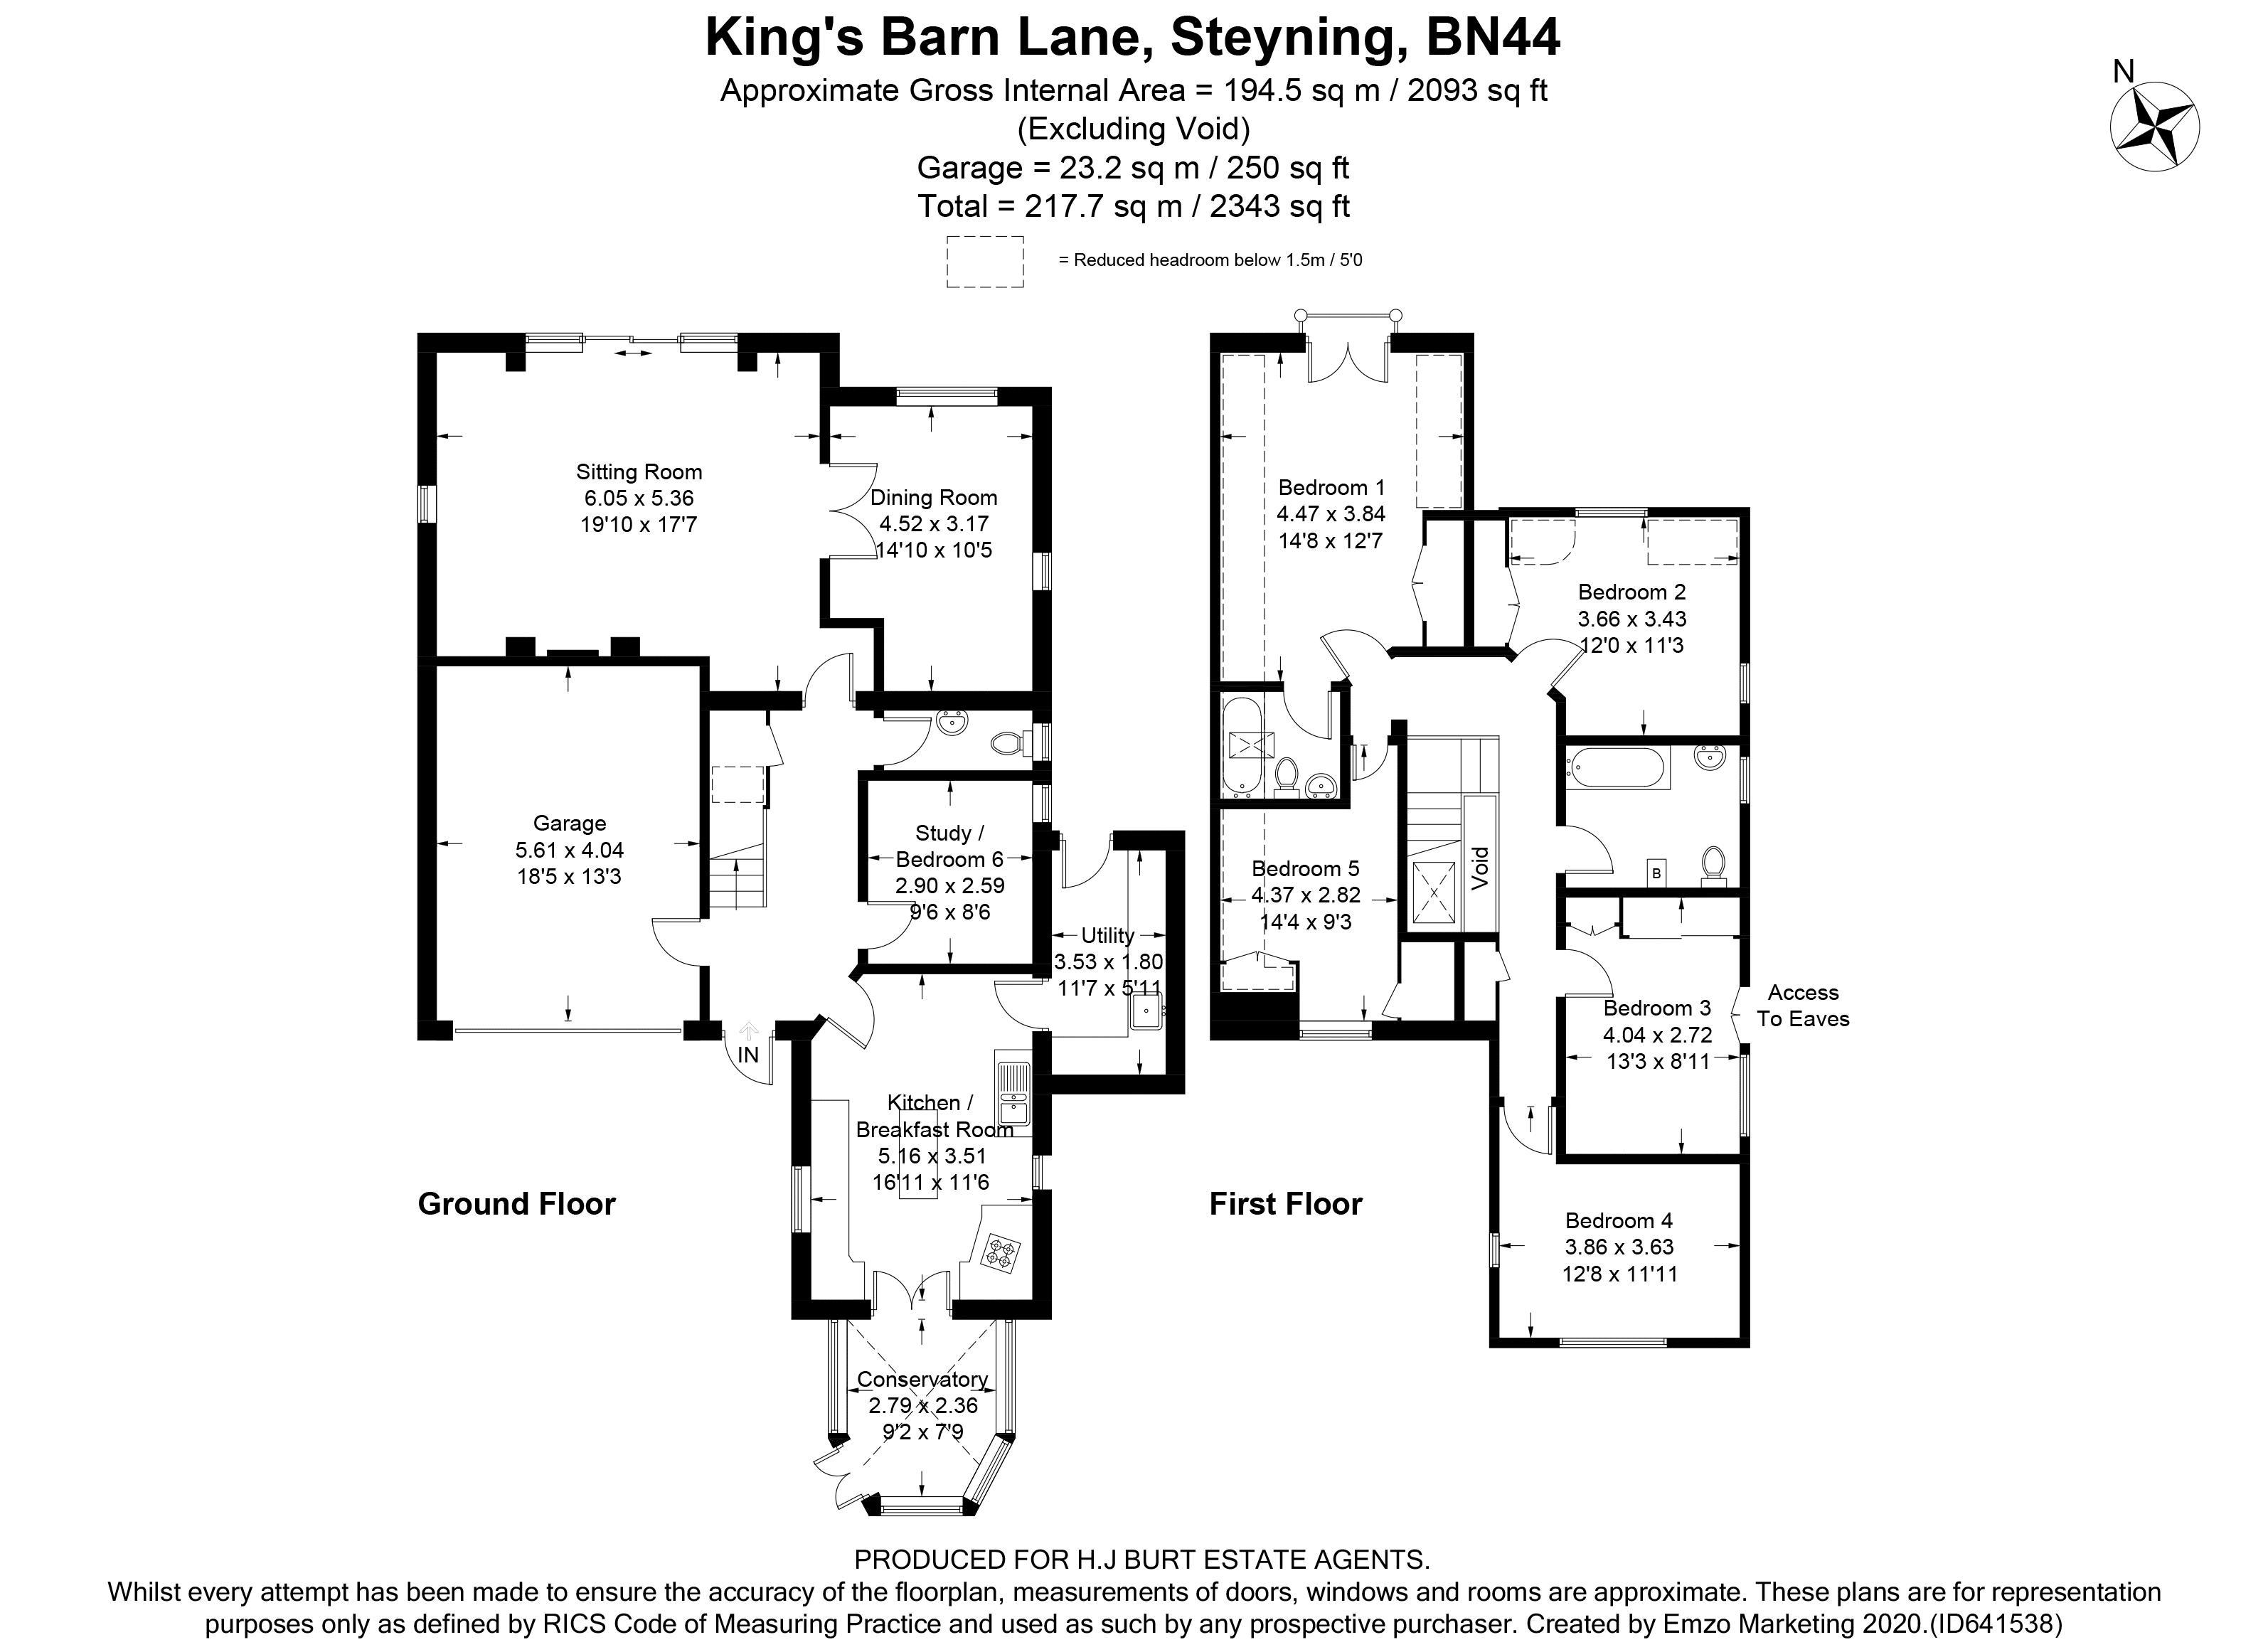 Kings Barn Lane